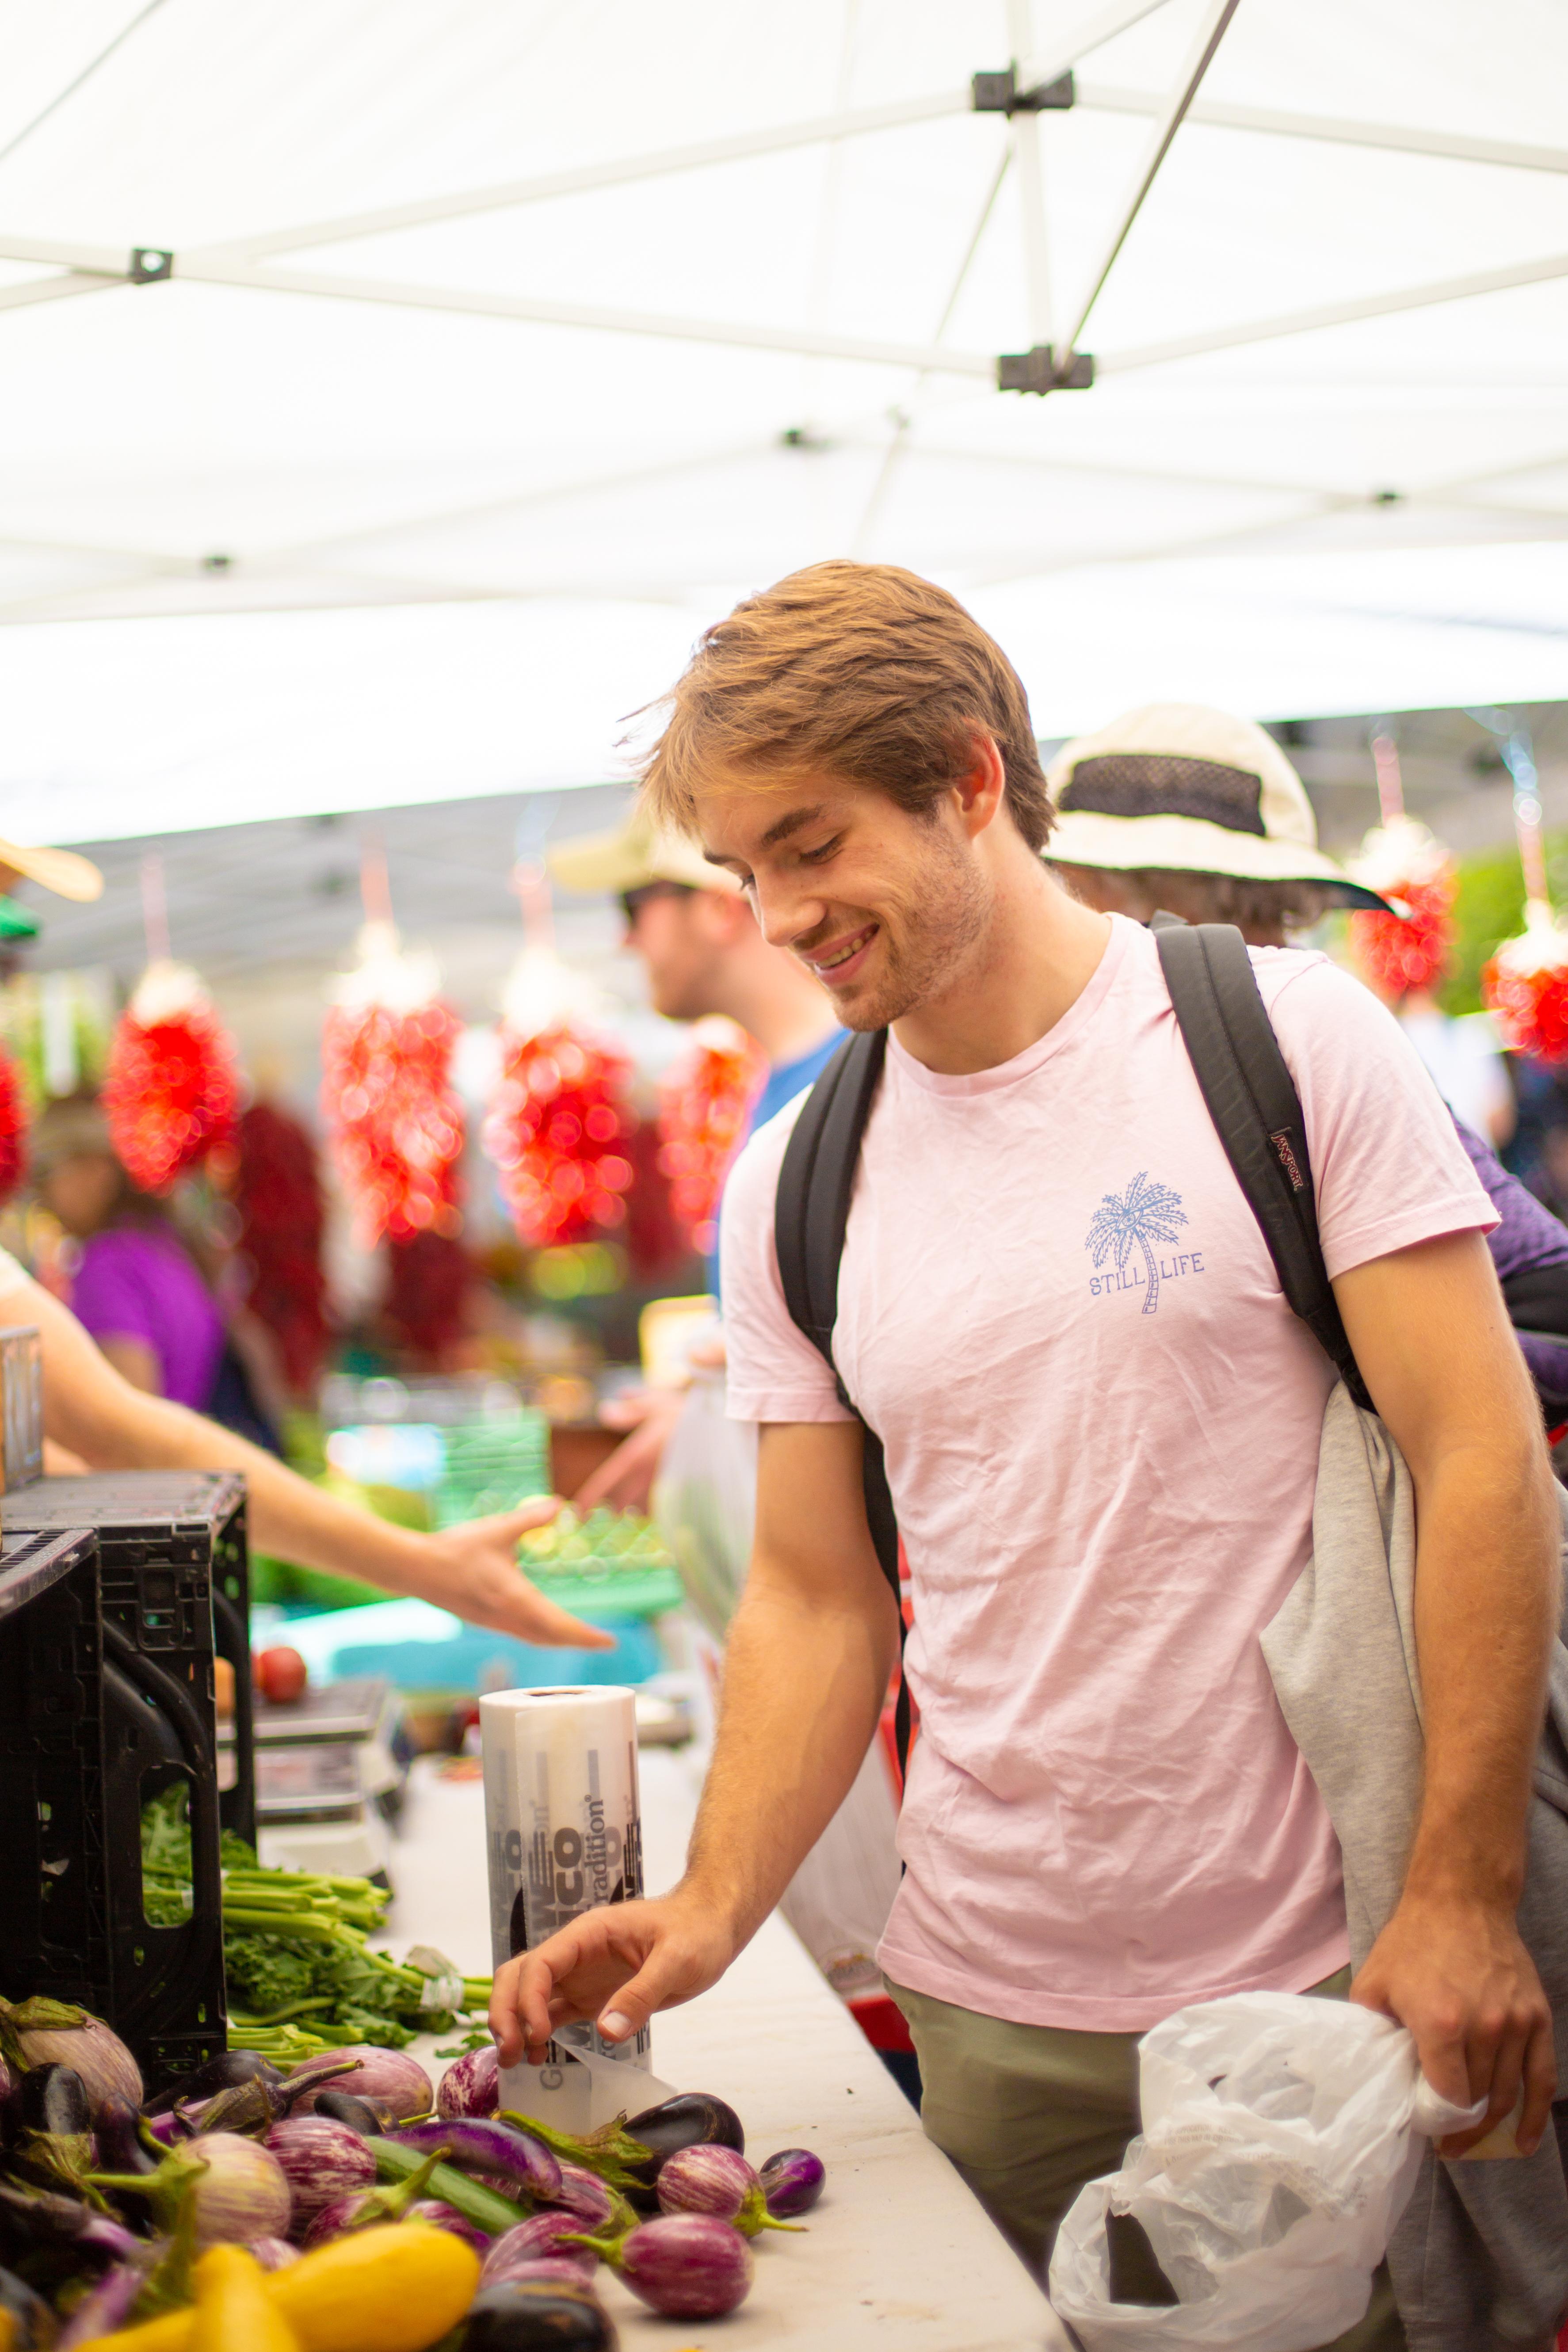 男子在农贸市场采摘水果。